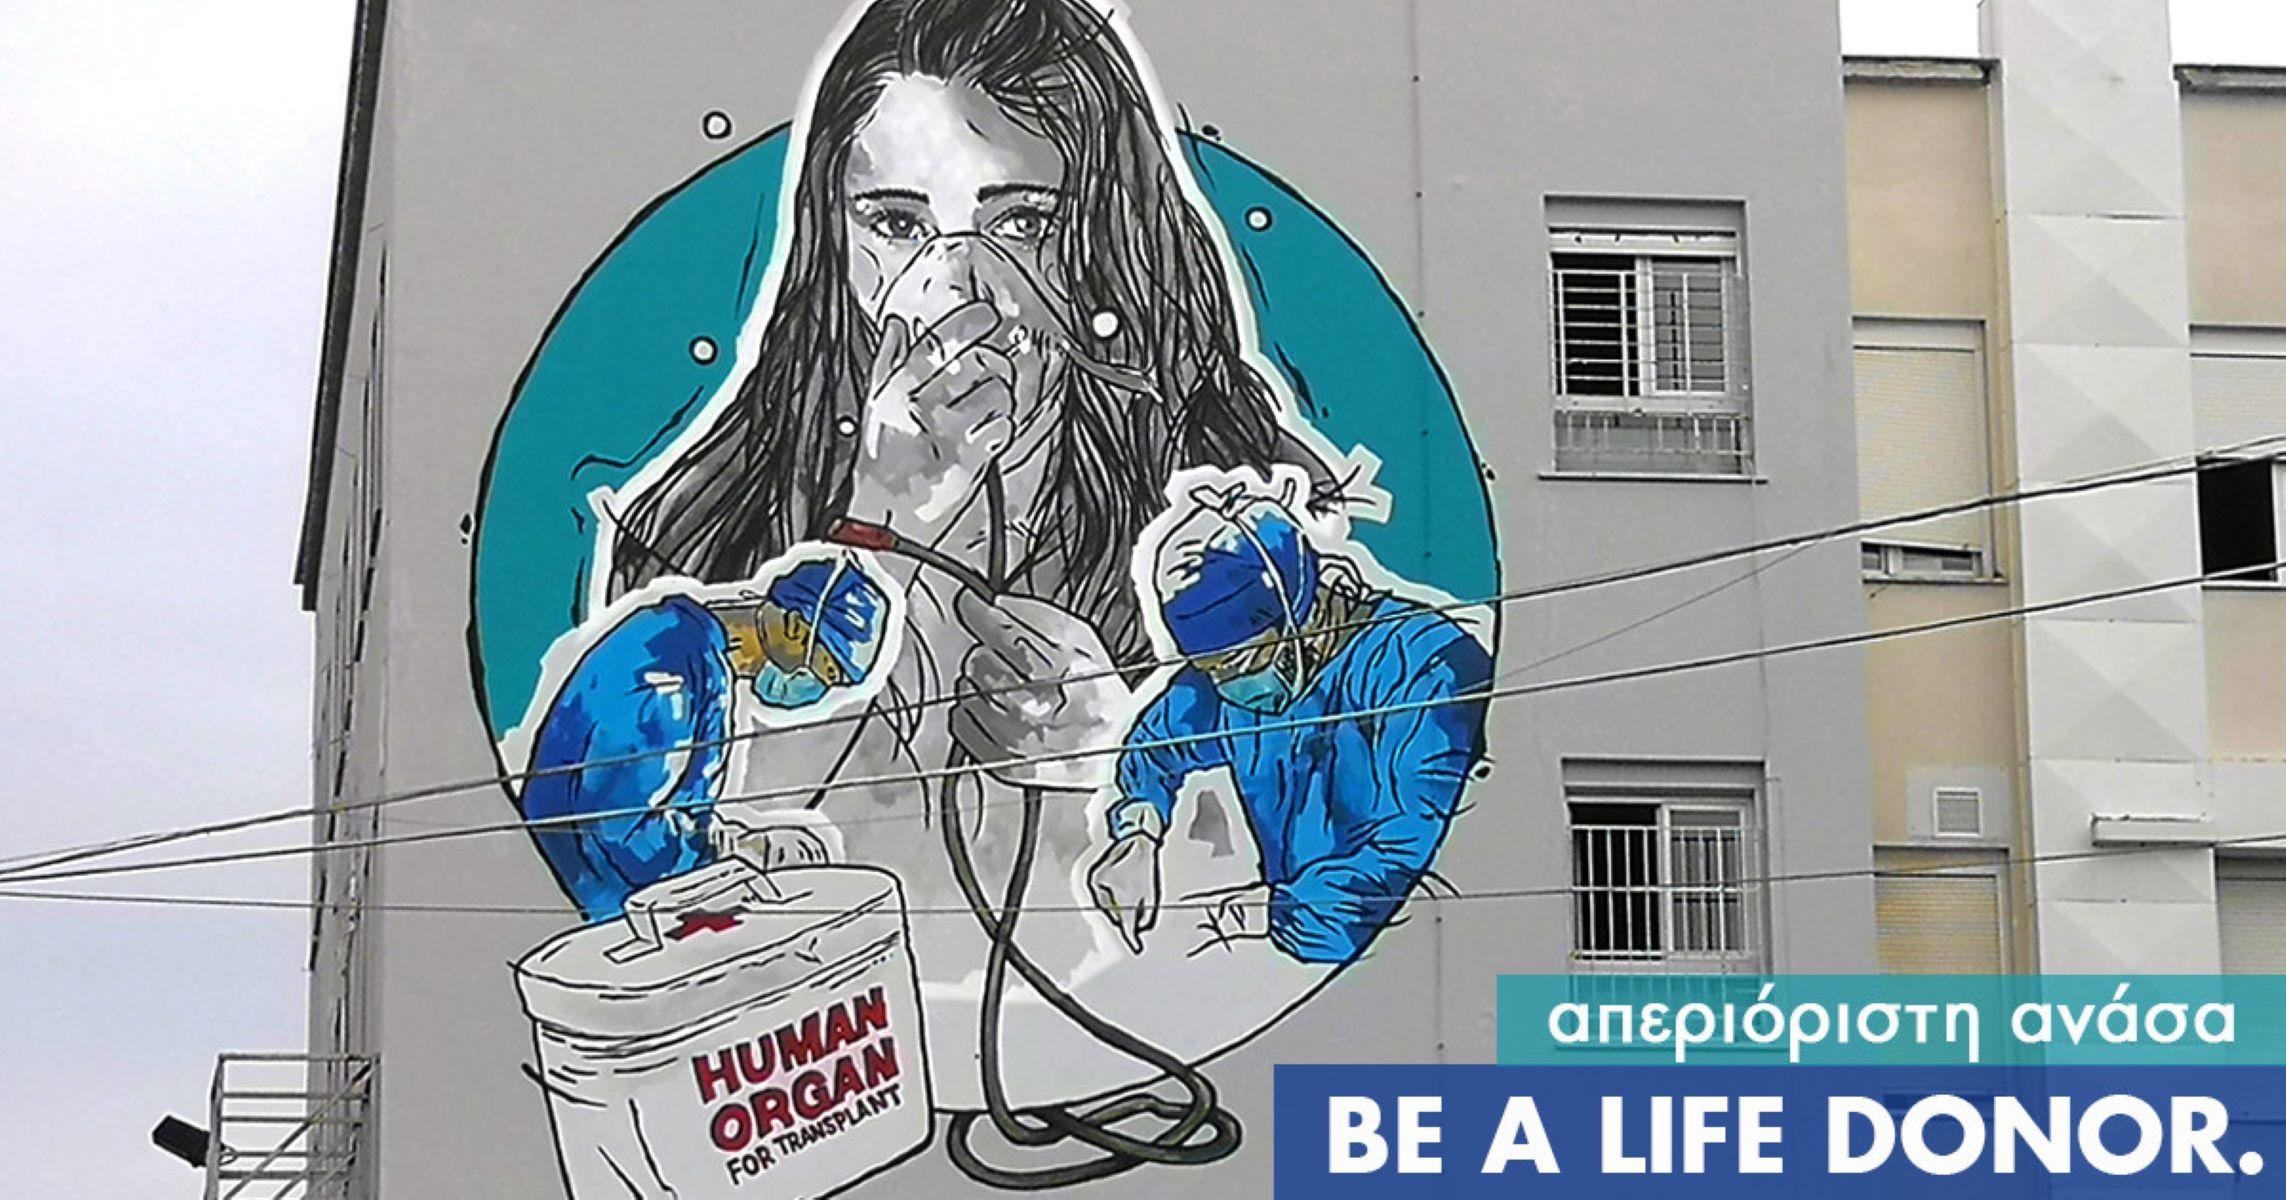 Απεριόριστη Ανάσα για όλους: Μεταμόσχευση πνευμόνων